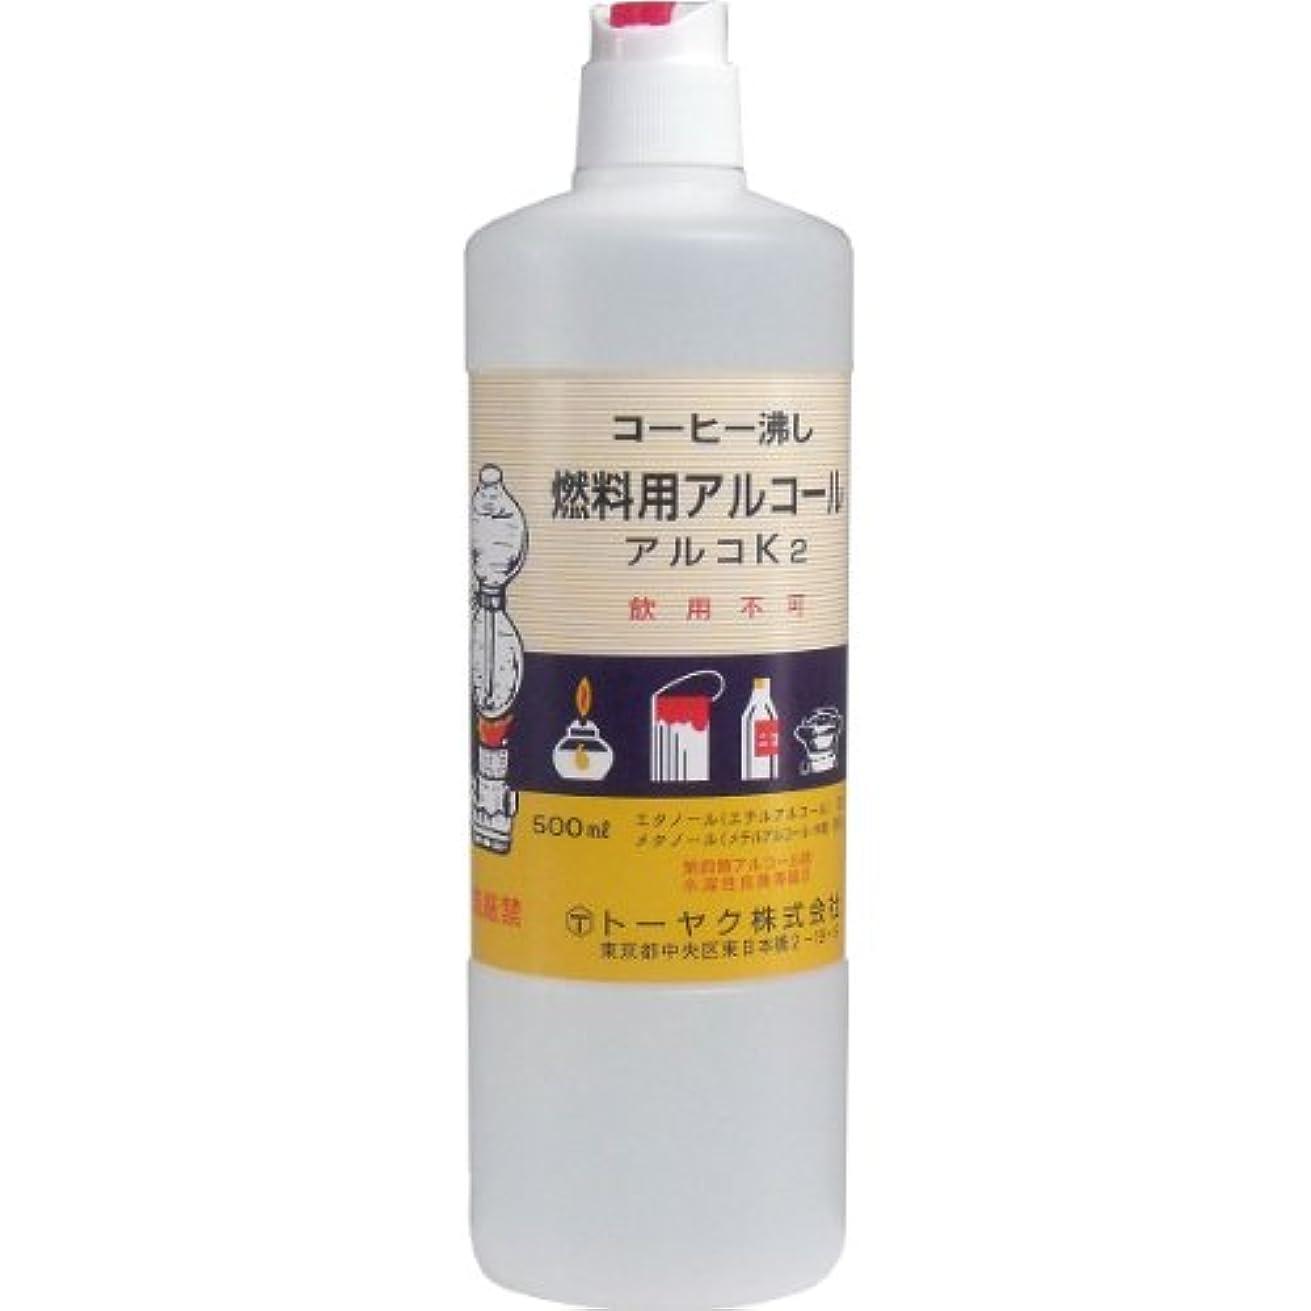 遅らせる敗北模索燃料用アルコール アルコK2 ×3個セット